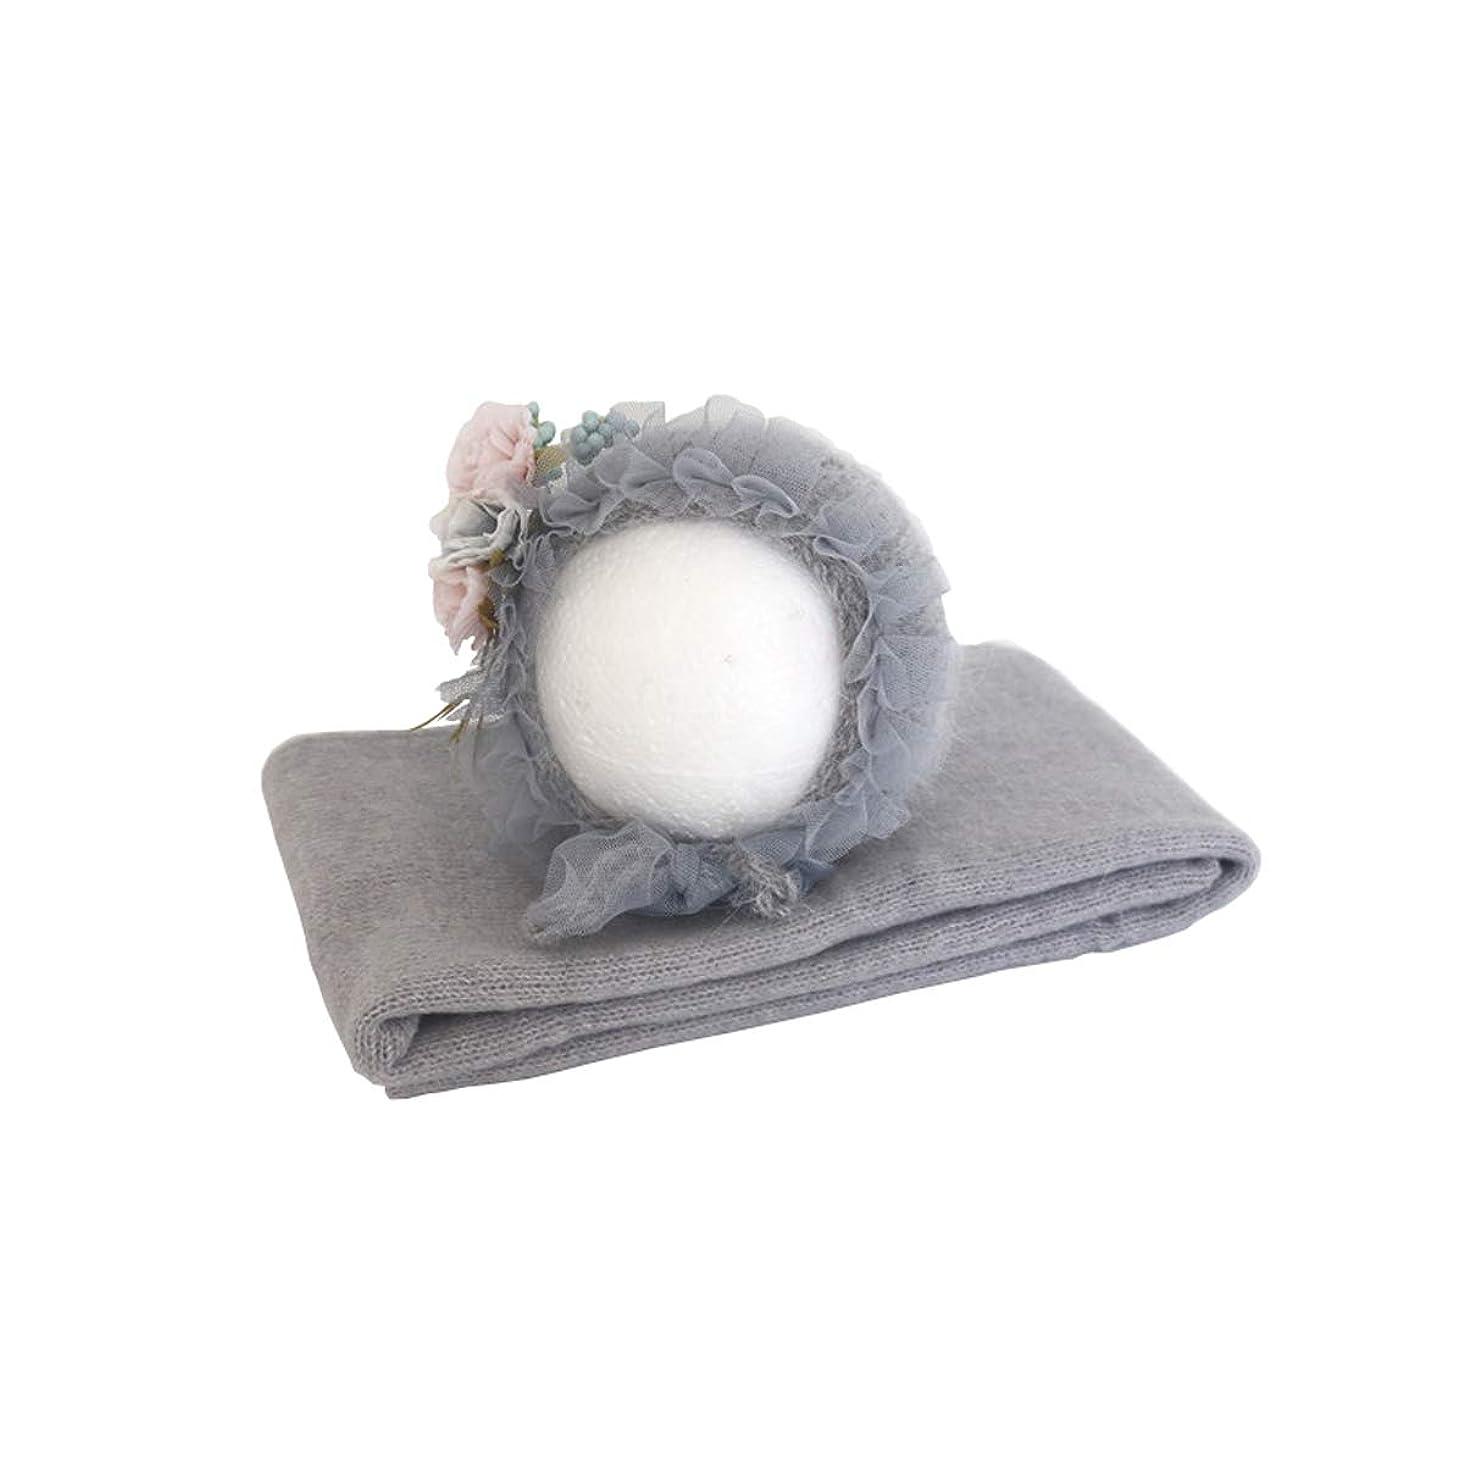 セミナー辛なハブブJuliyan 0~1ヵ月 新生児 記念撮影 ニューボーンフォト ブラケット べビー モヘア製 花帽子 ラップ 出産祝い プレゼント グレー